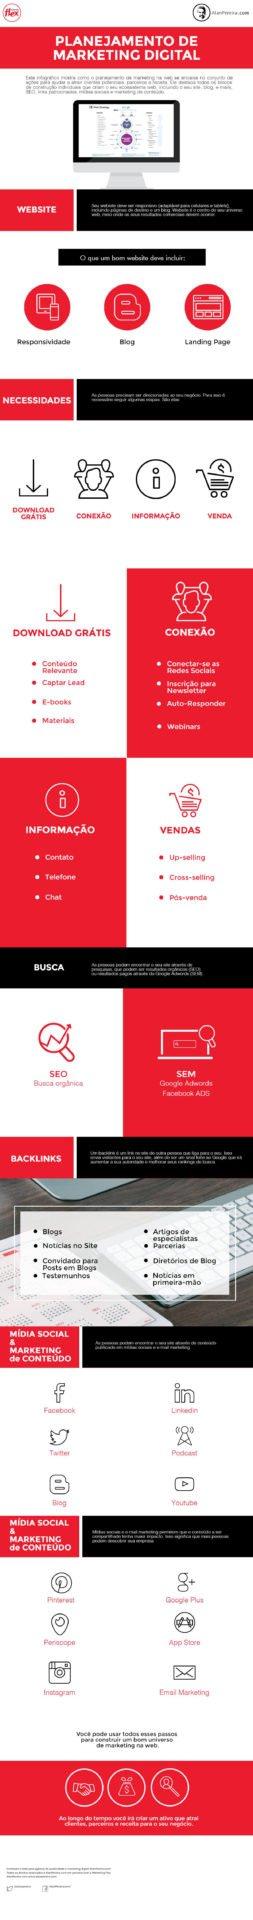 infografico-marketing-digital2016 Infográfico: Planejamento de Marketing Digital